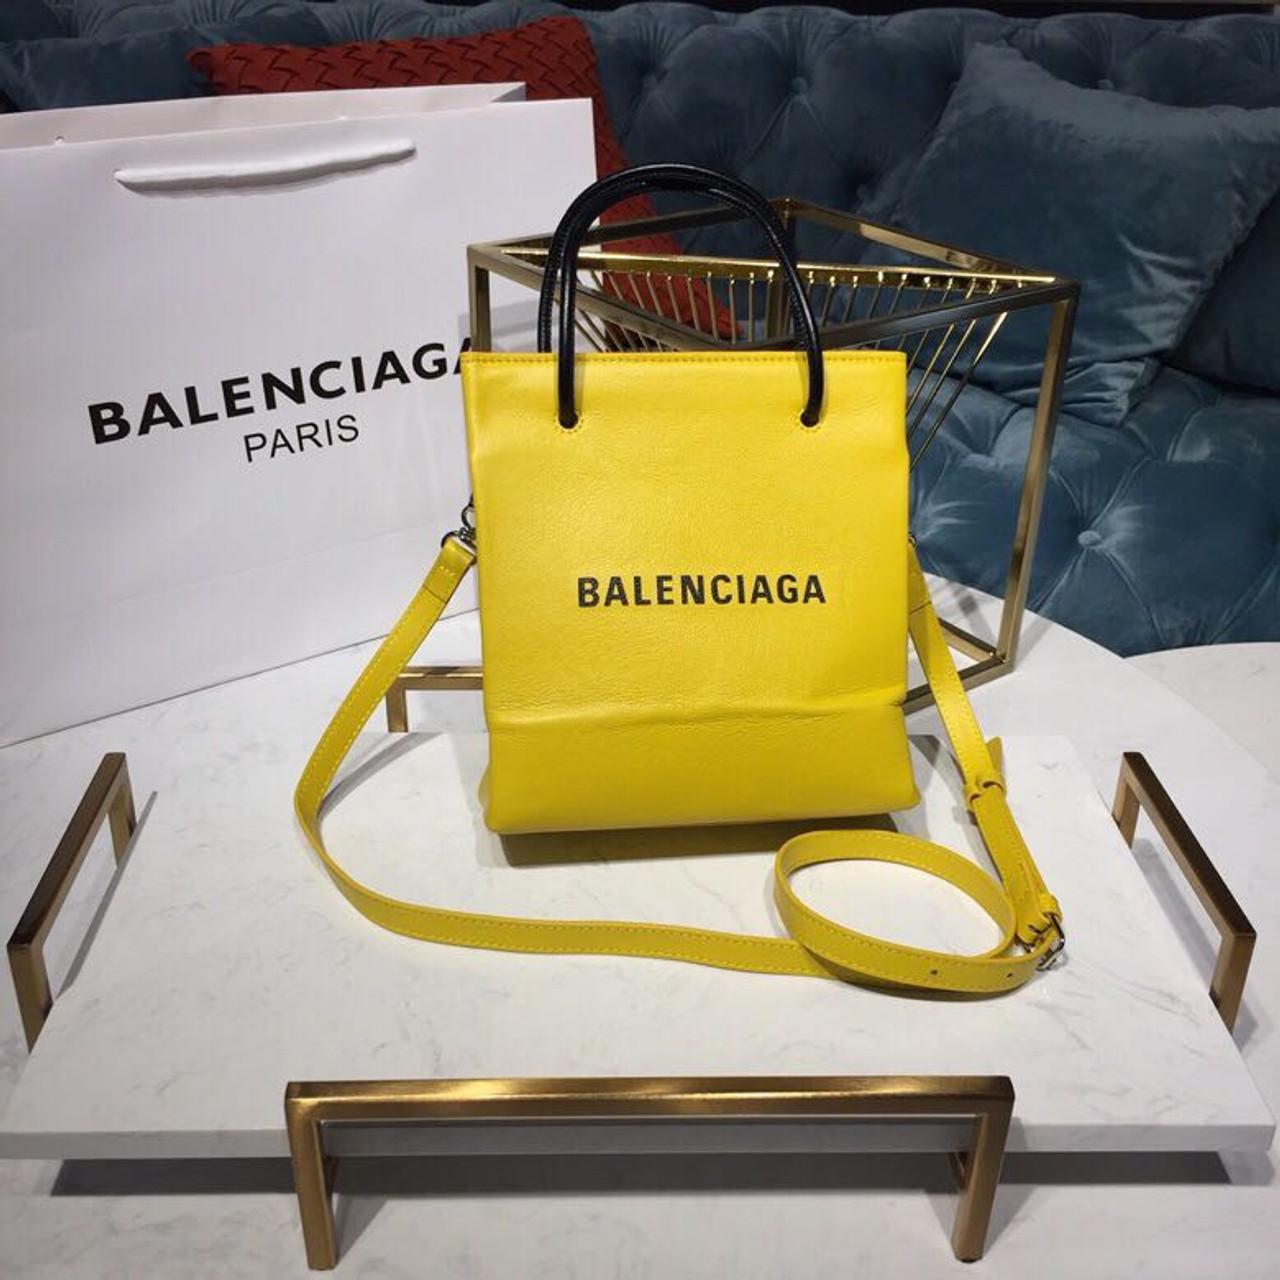 5ef2689495a Balenciaga Shopping Tote XXS Bag 20cm Natural Grain Calfskin Leather  Spring/Summer 2019 Collection,